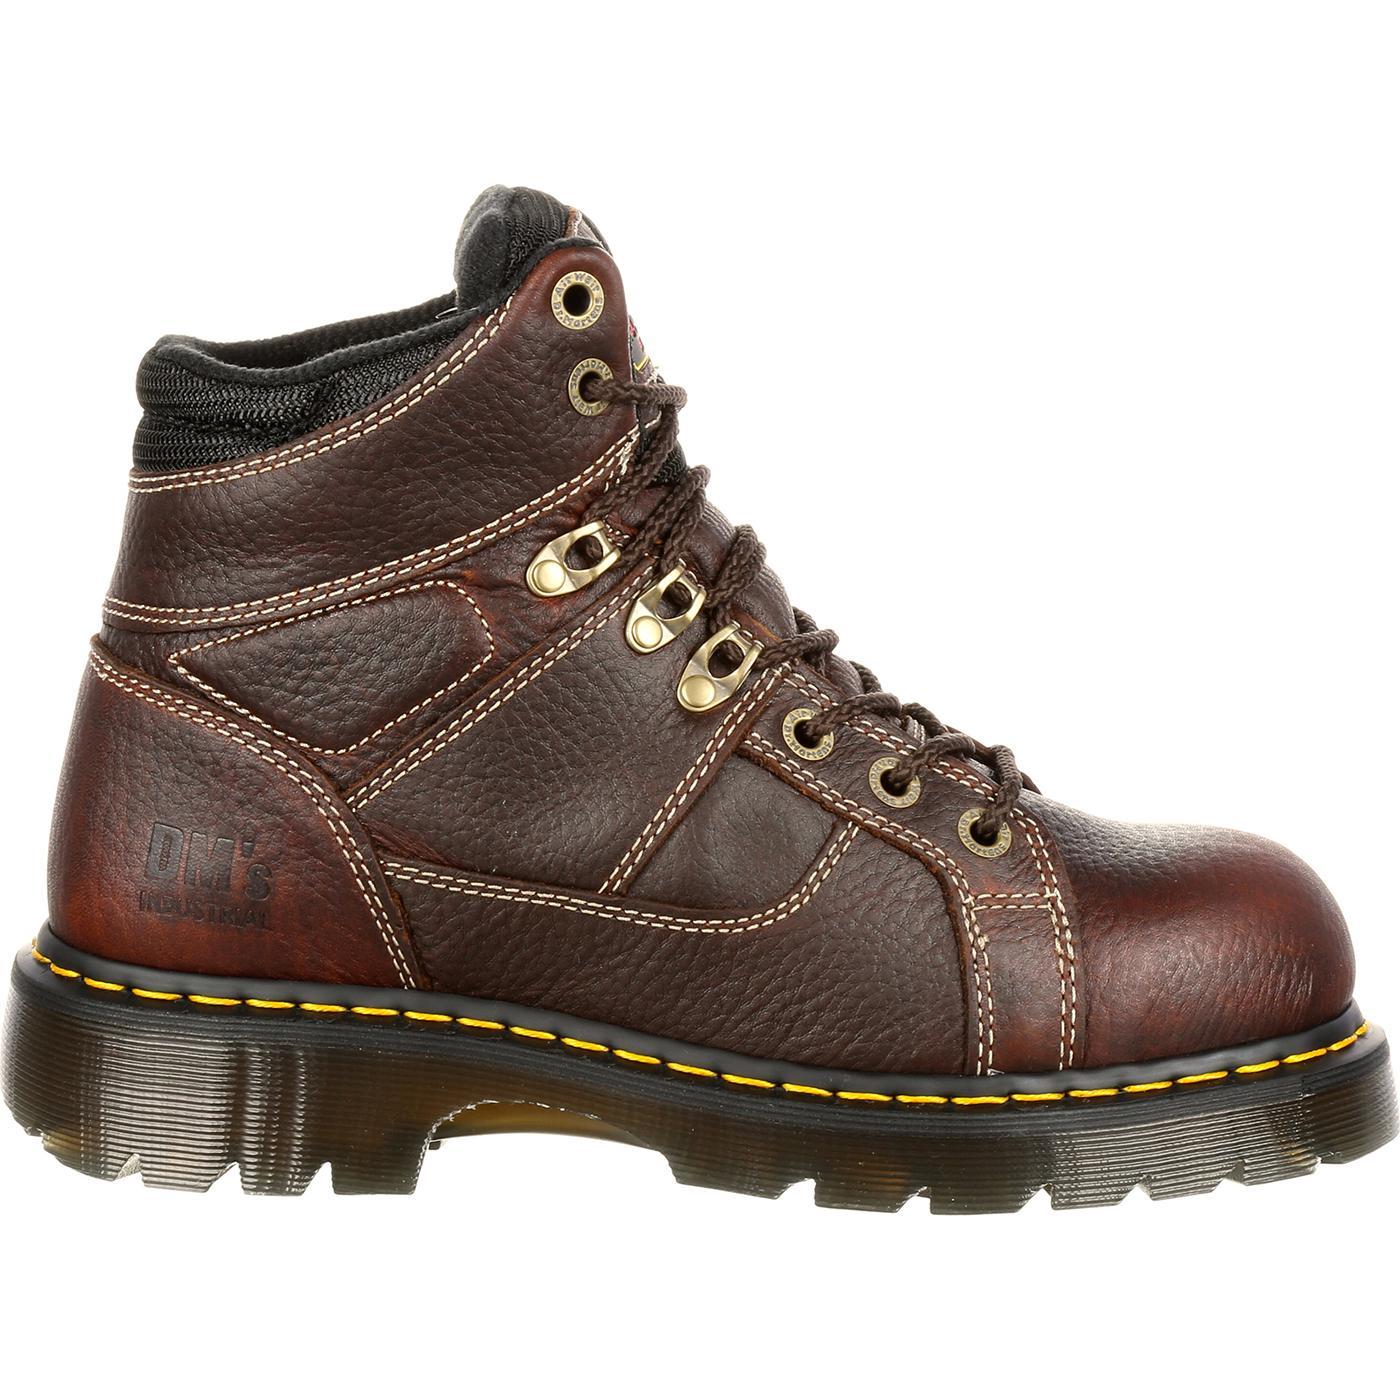 dr martens heritage steel toe work boot 12721200